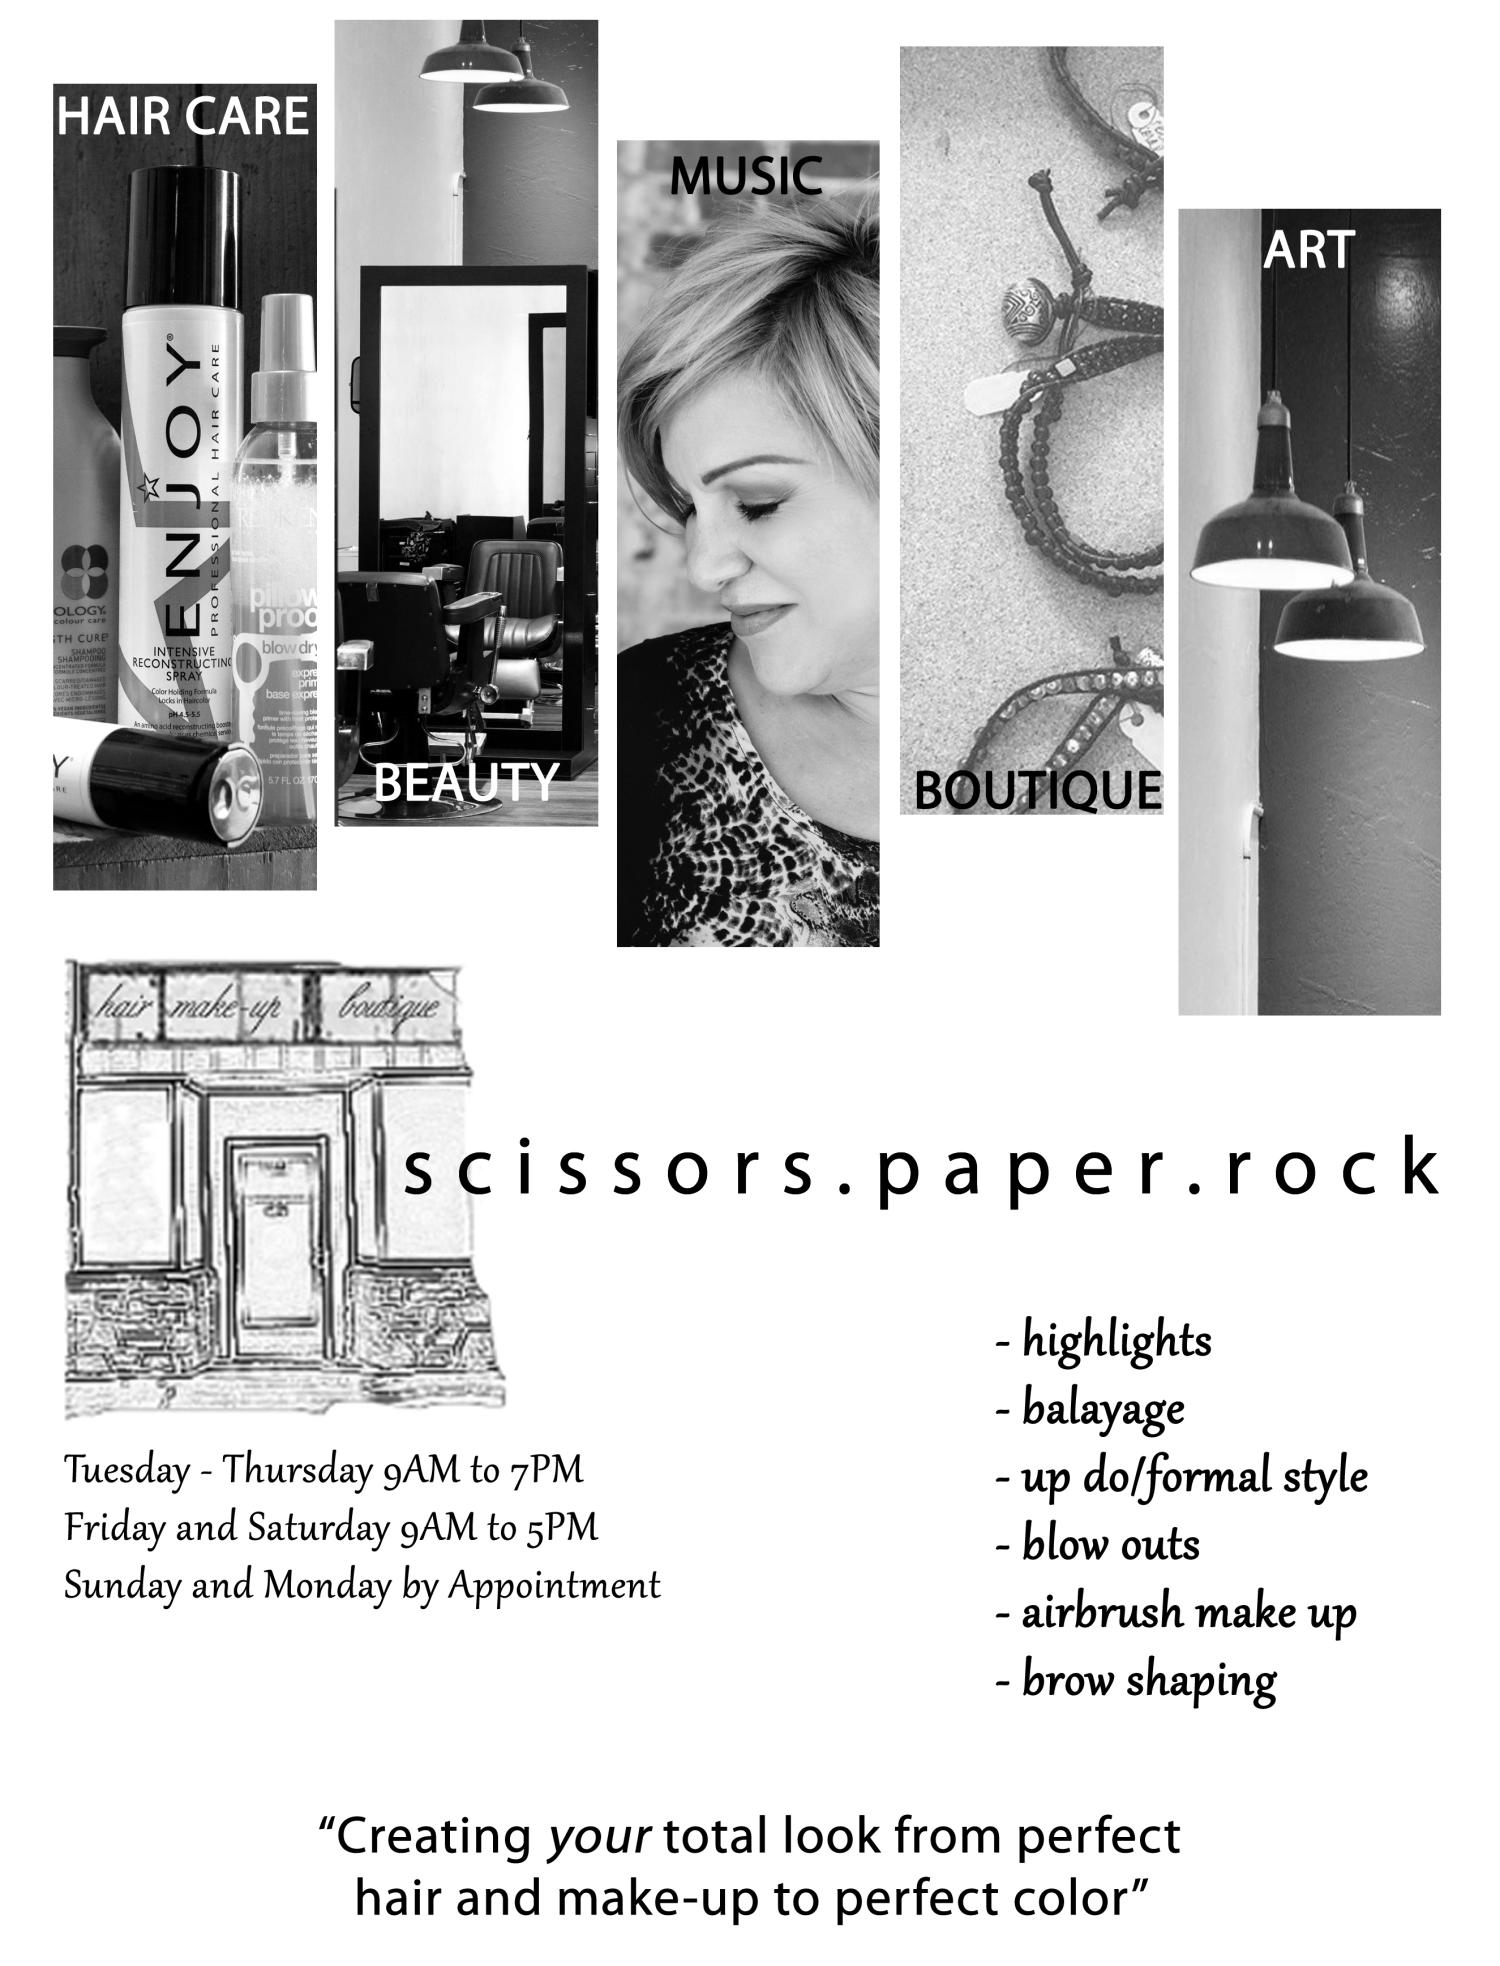 Scissors Paper Rock Salon and Boutique